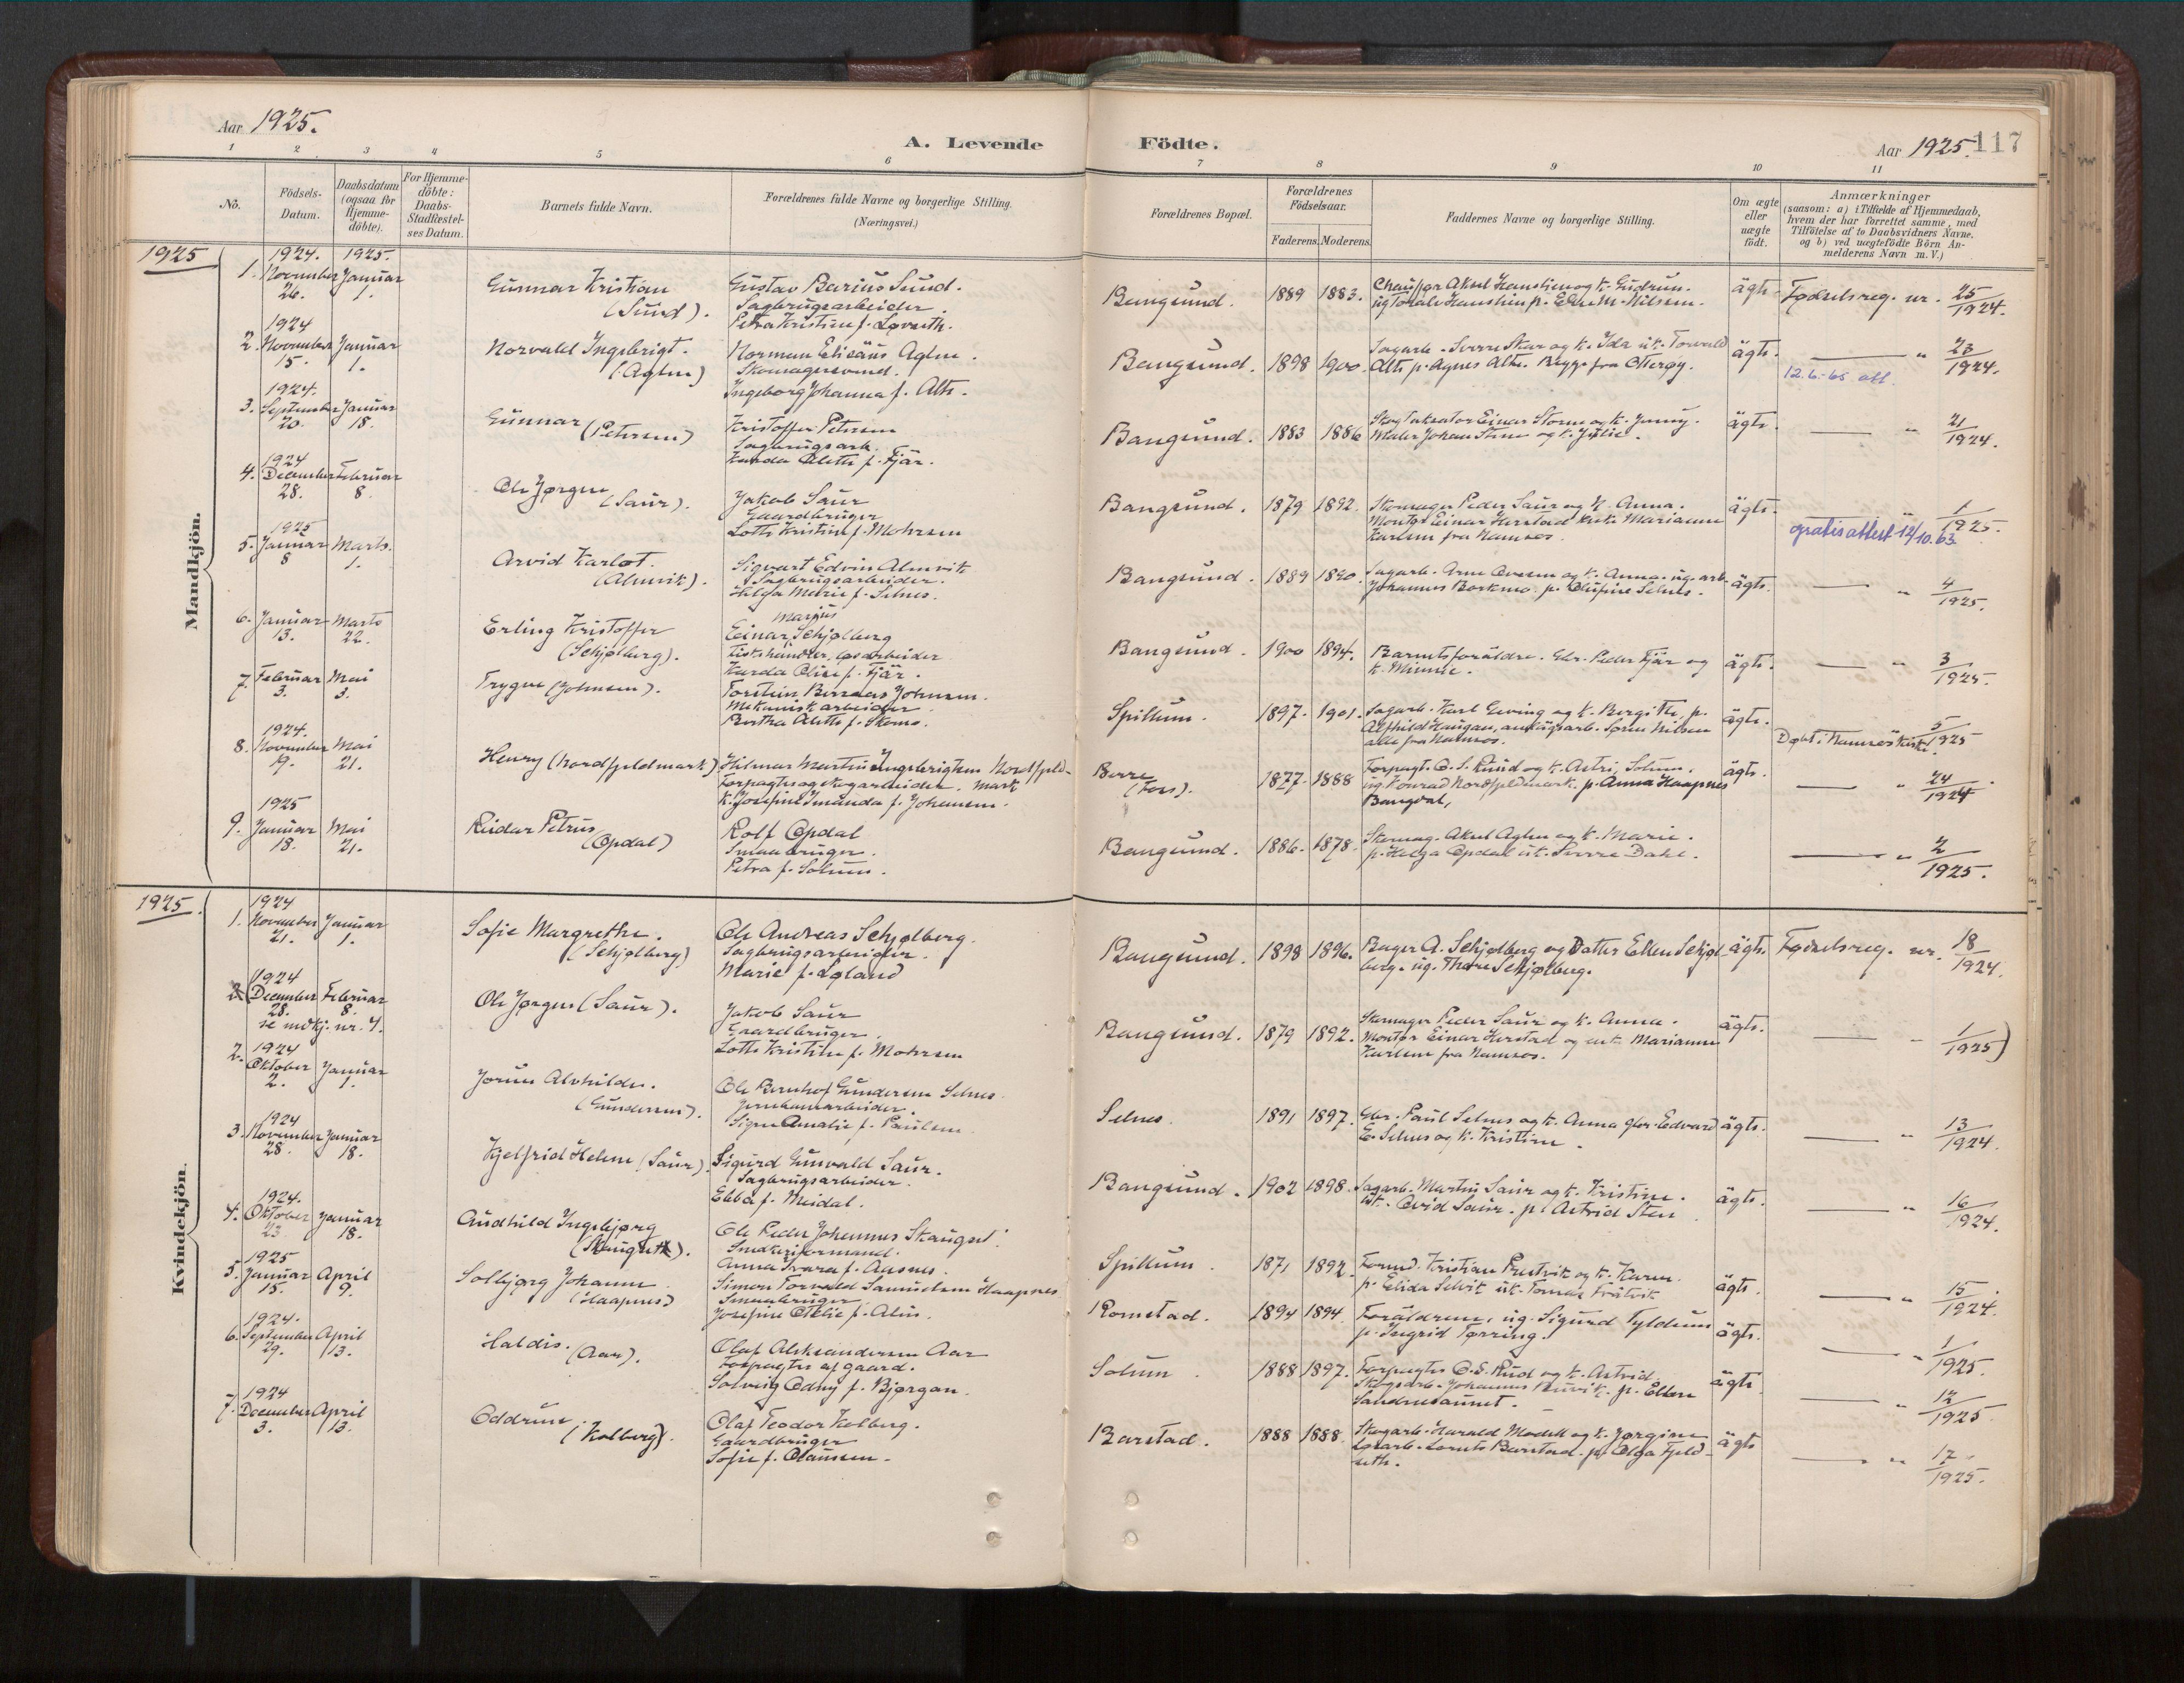 SAT, Ministerialprotokoller, klokkerbøker og fødselsregistre - Nord-Trøndelag, 770/L0589: Ministerialbok nr. 770A03, 1887-1929, s. 117